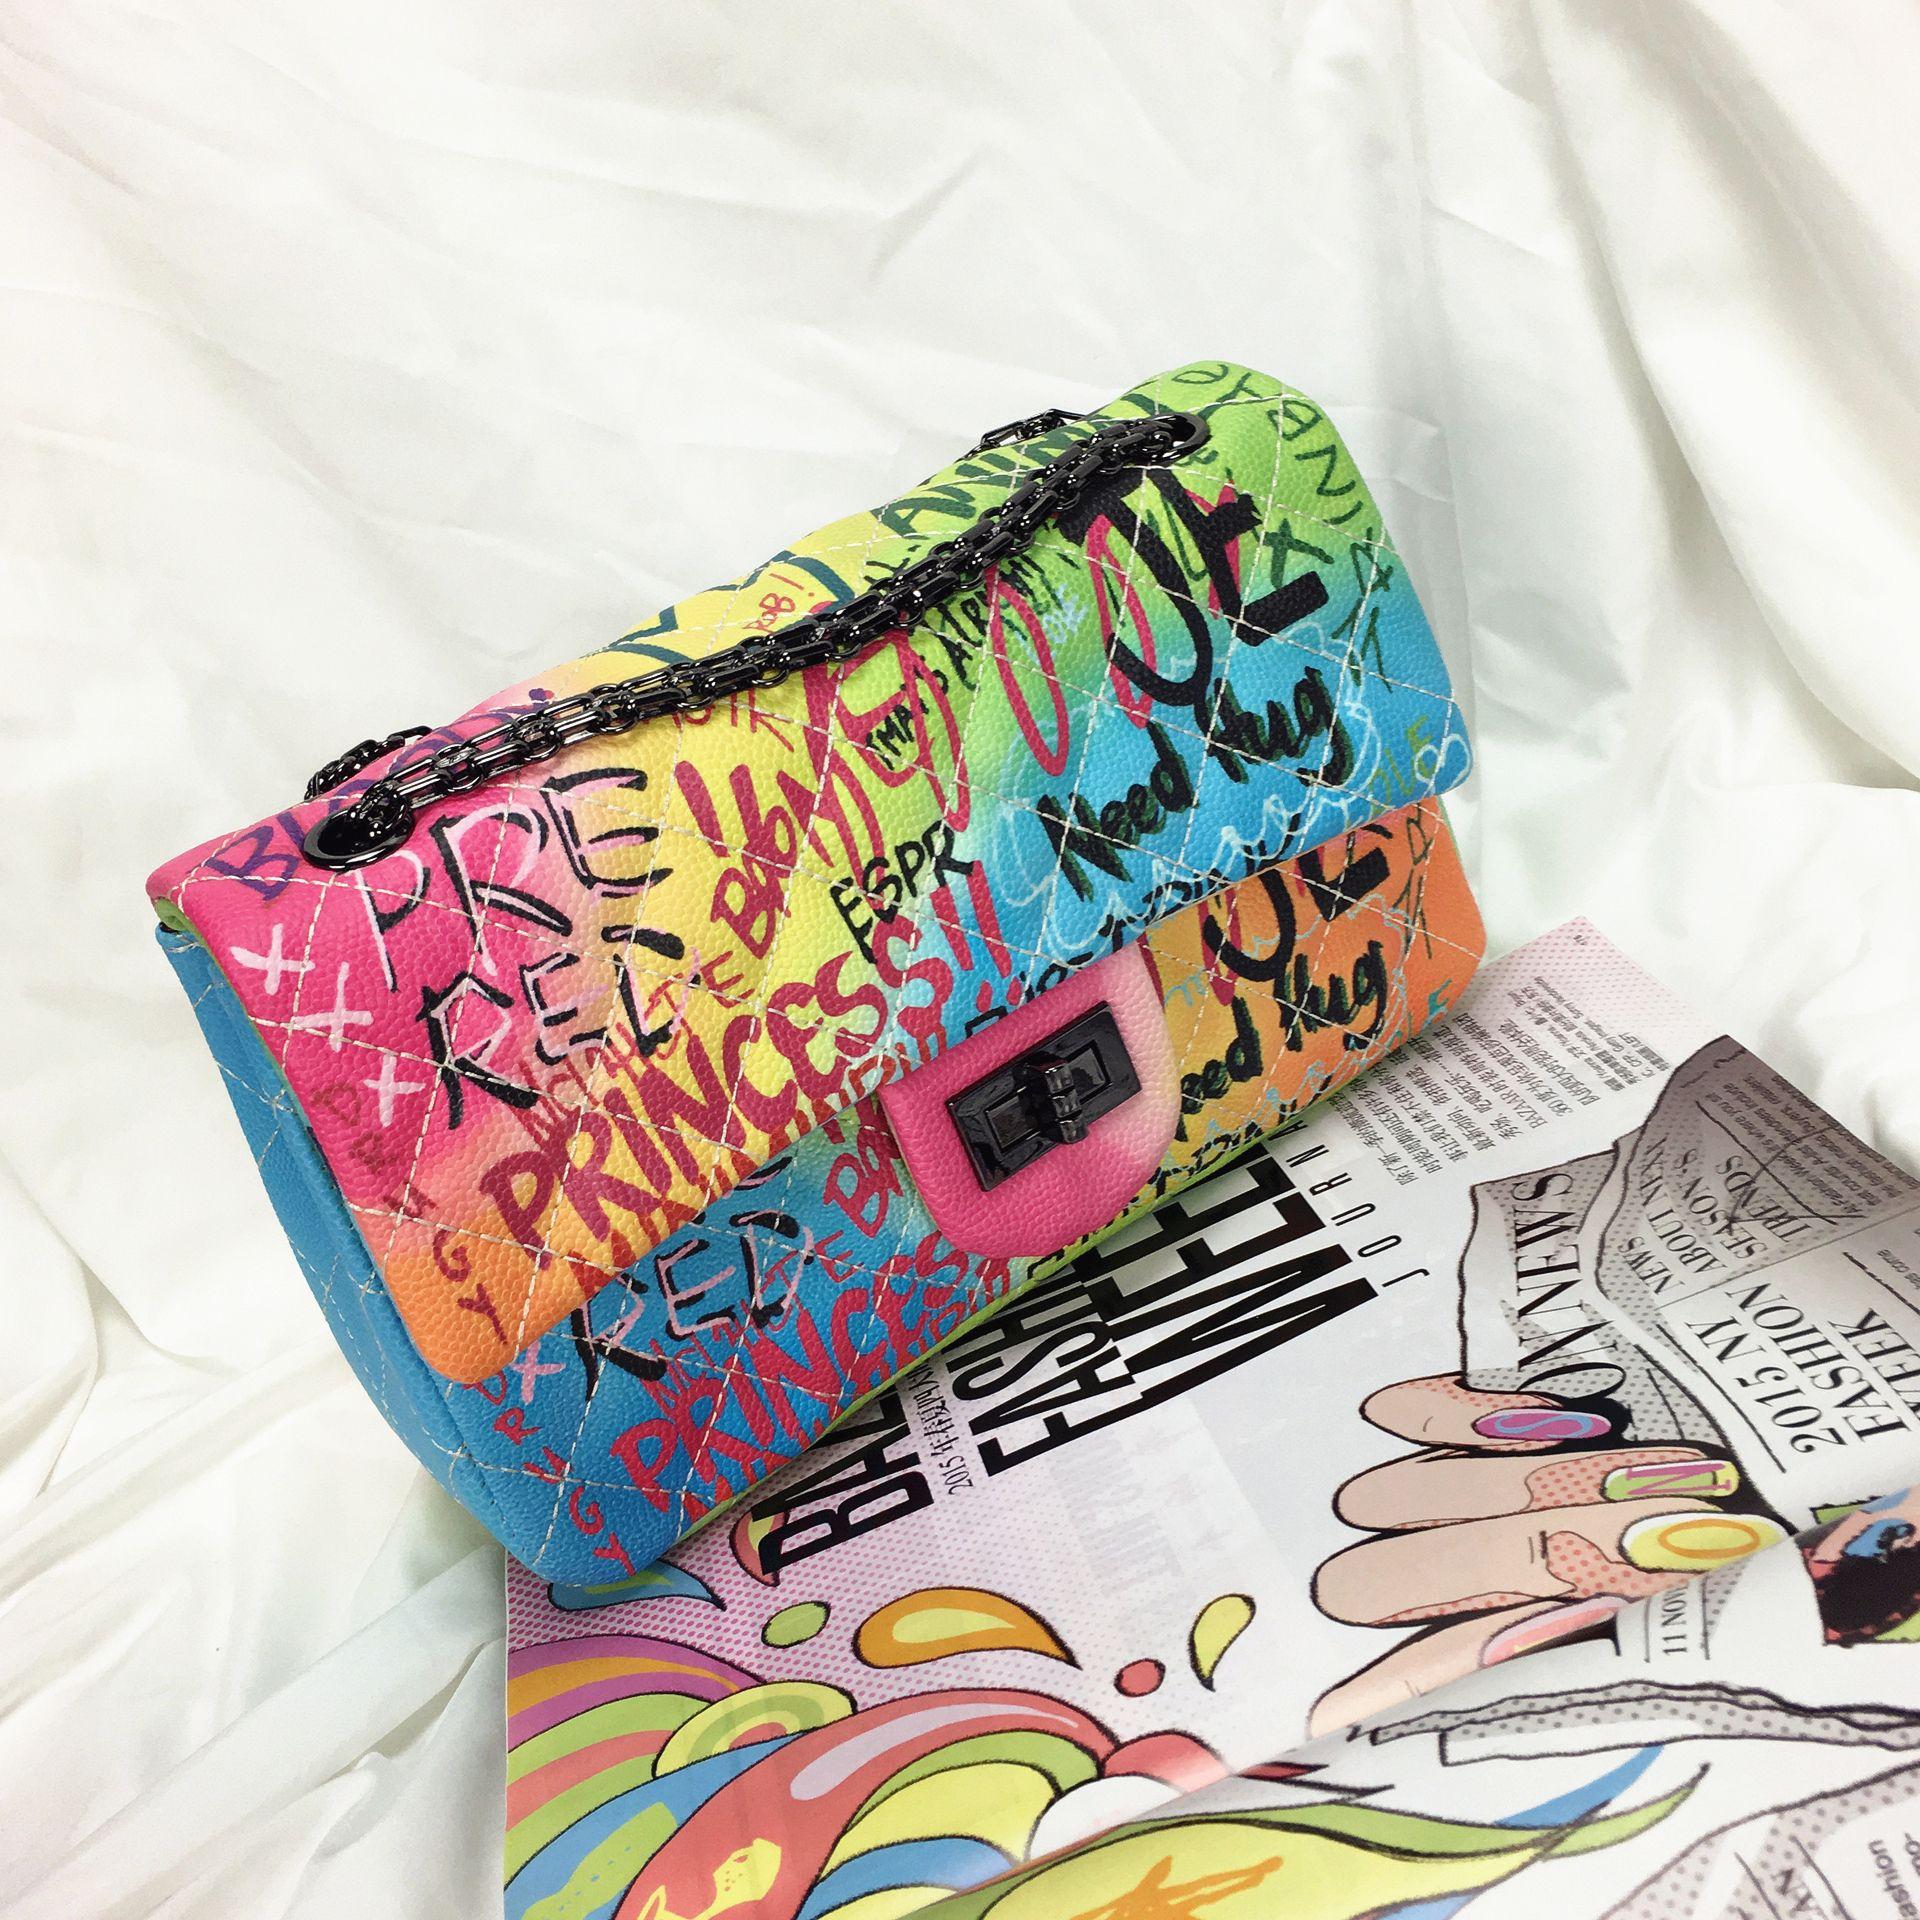 Bolsa para Mulheres Bolsa de Ombro Bolsa de Moda Bolsa de Viagem Bolsa do Mensageiro da Cadeia de Luxo Nova Grafite Impressão 2020 Cor